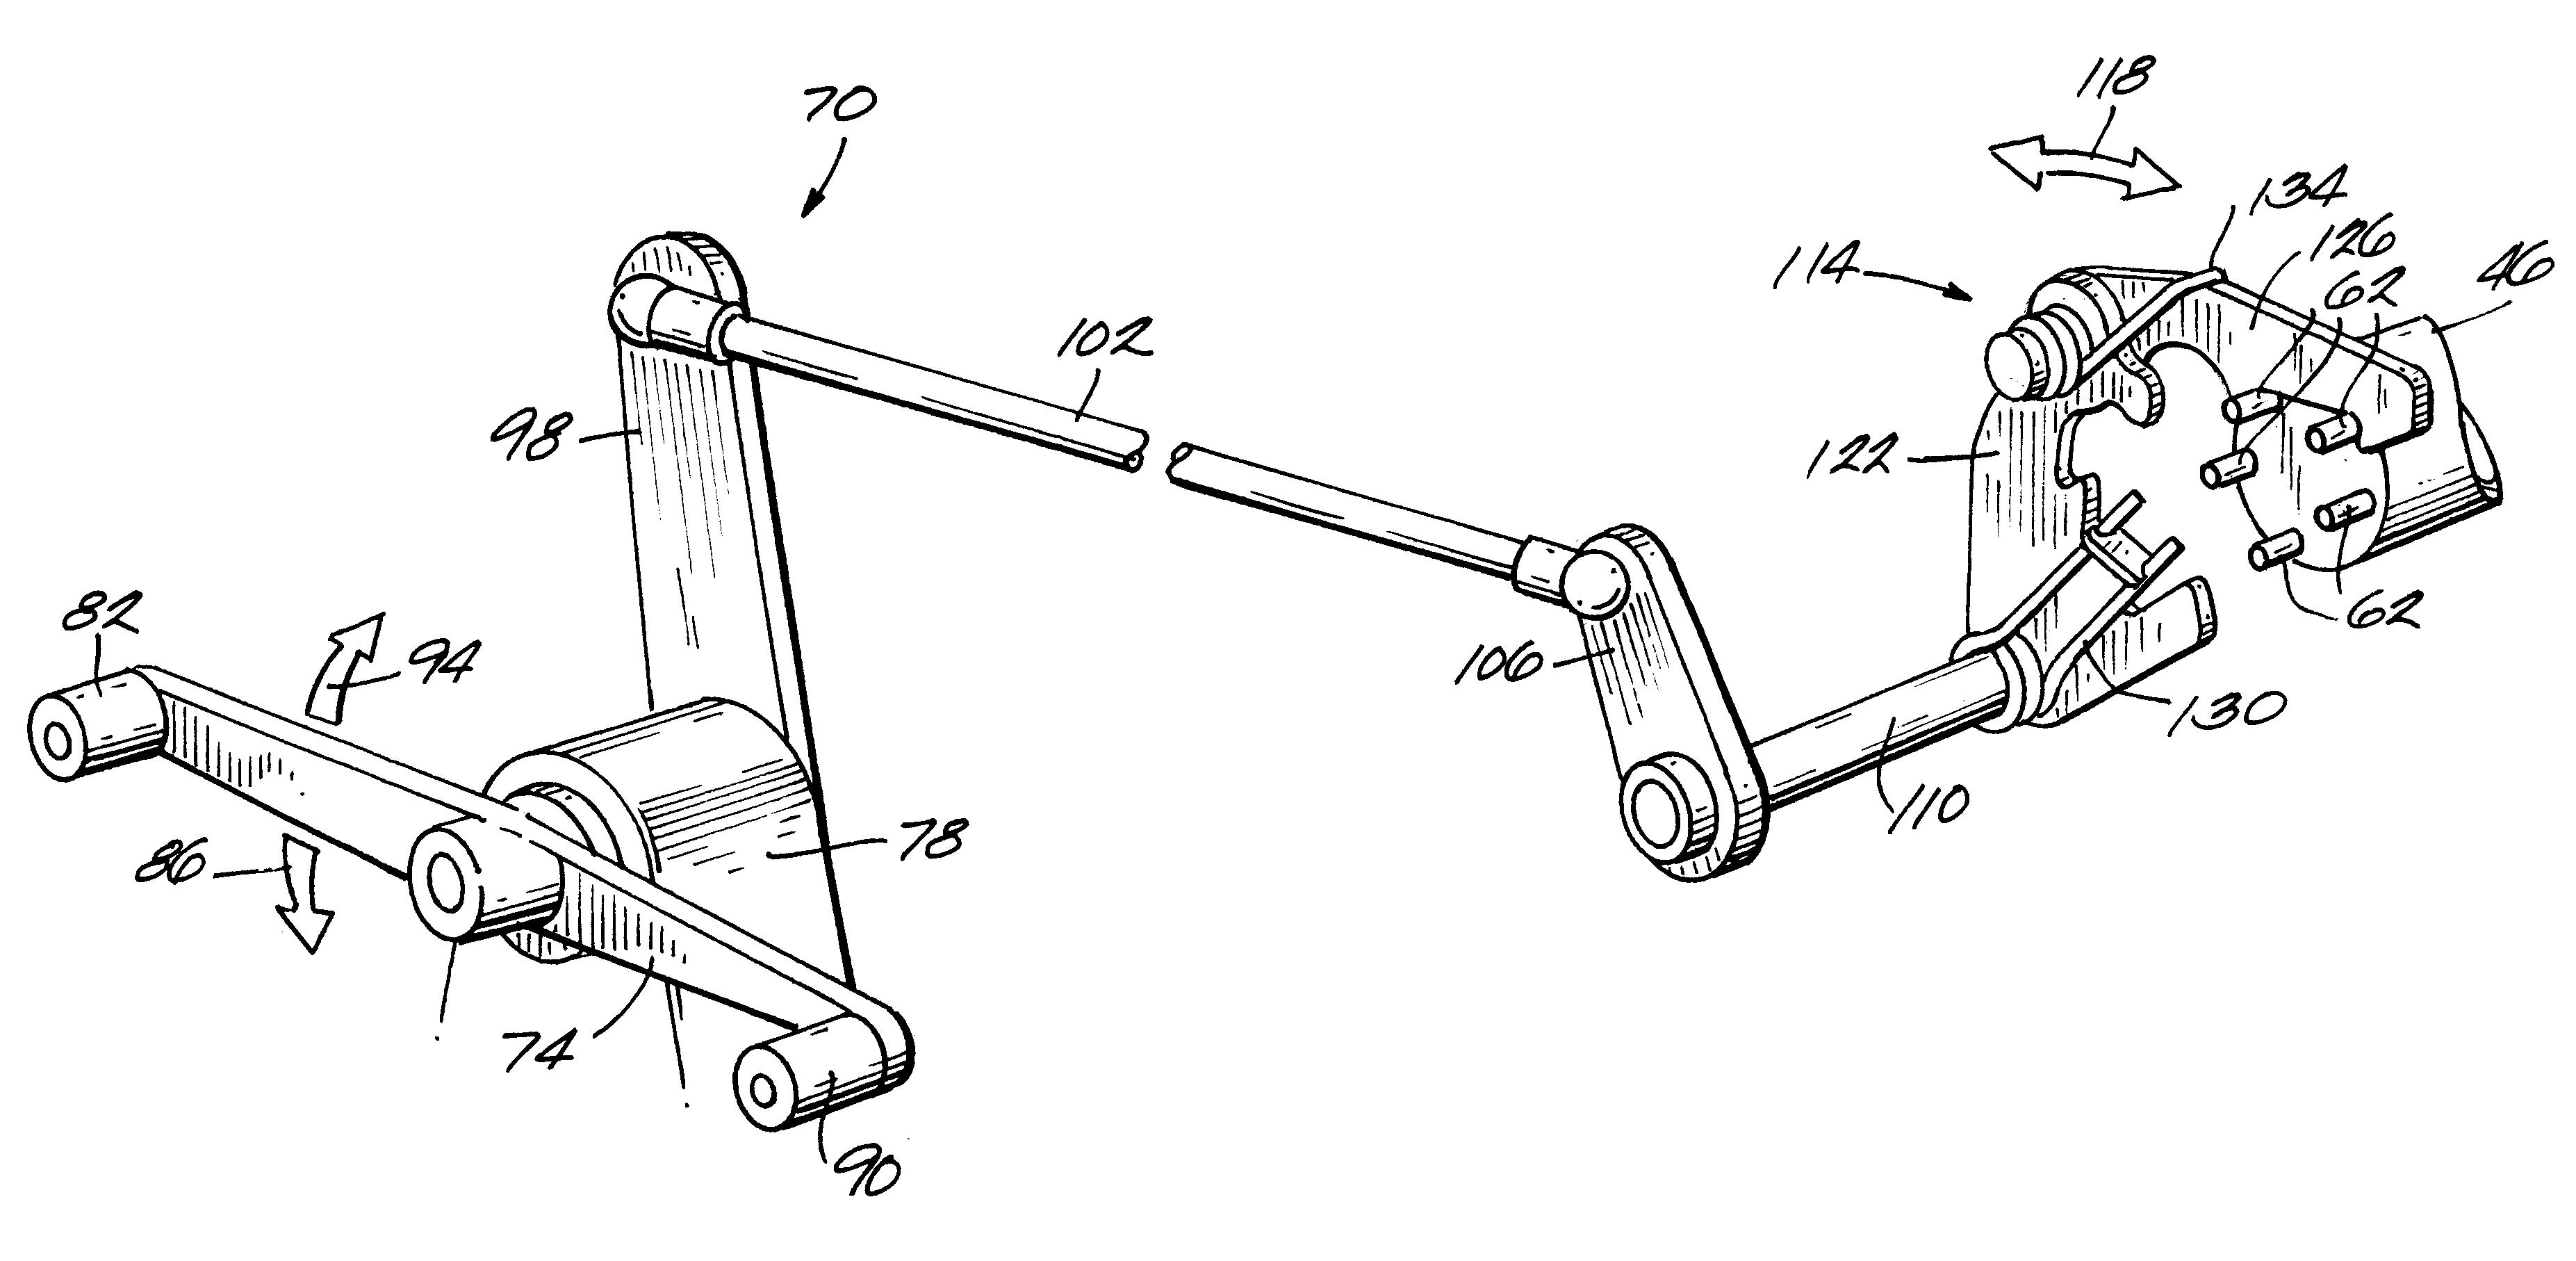 patent us6308797